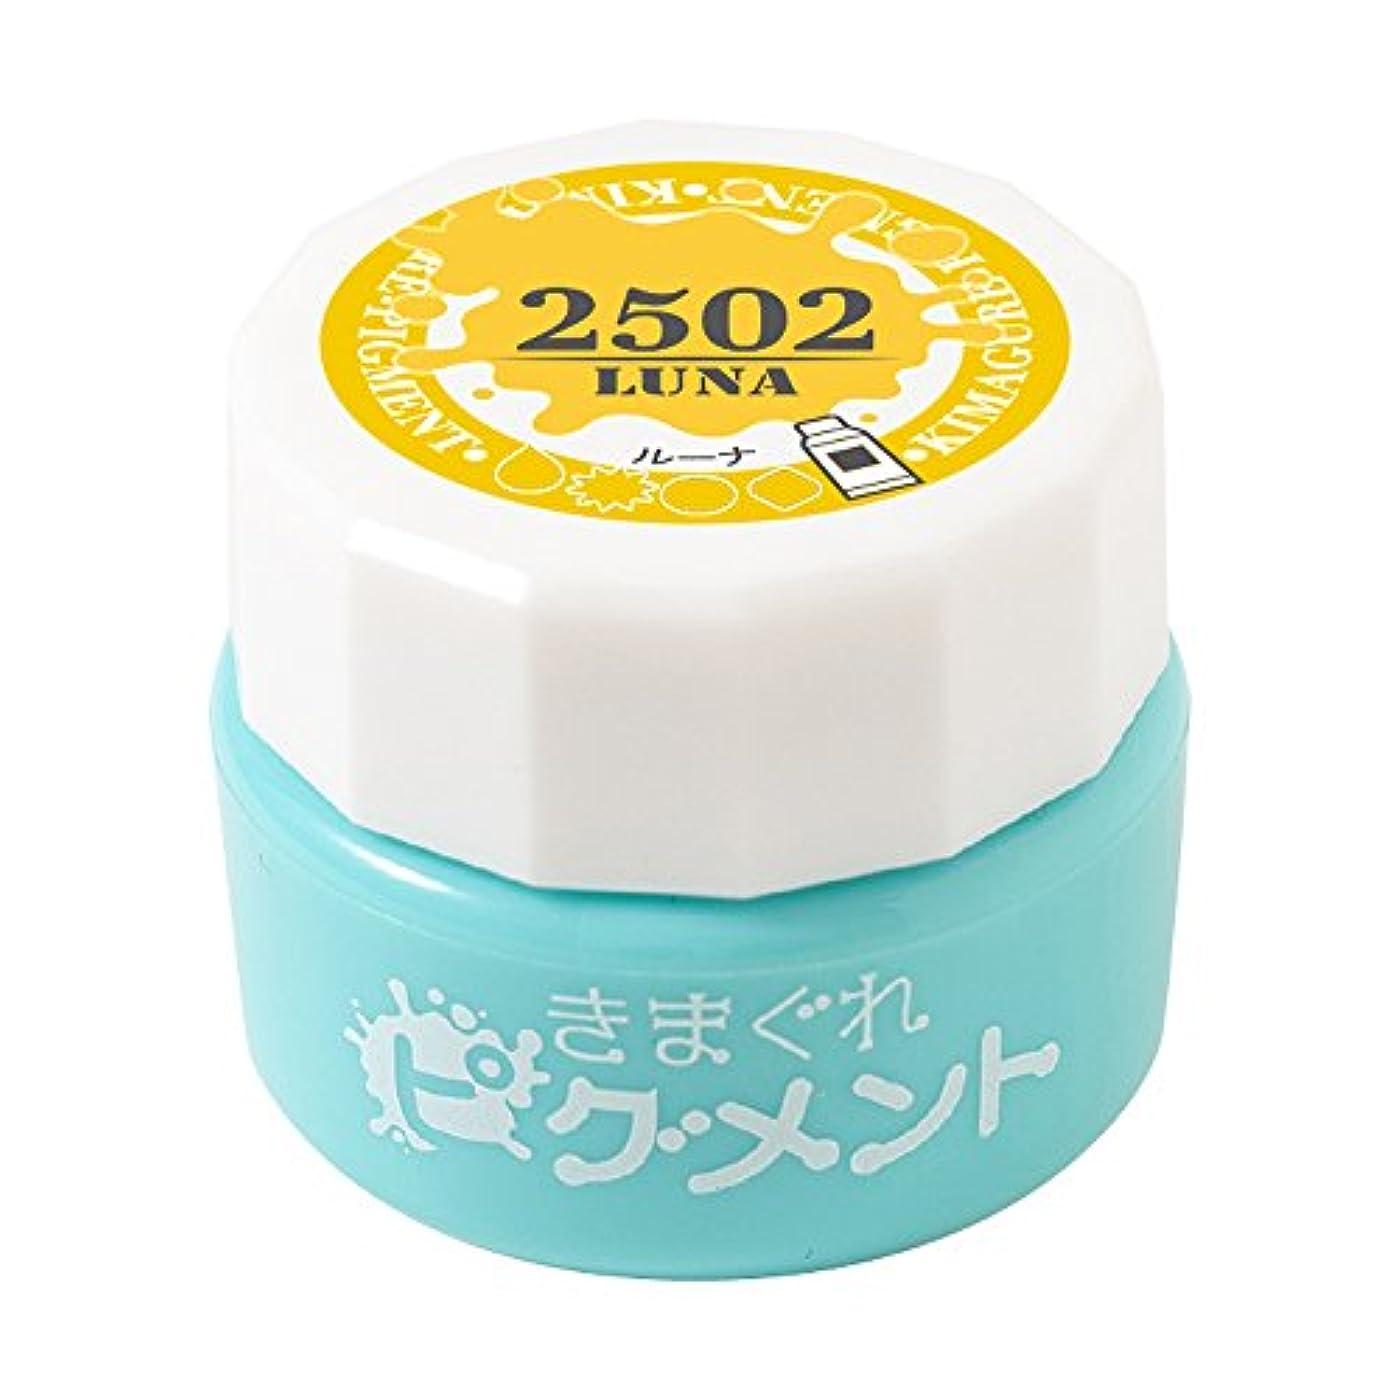 局コンプリート記念品Bettygel きまぐれピグメント ルーナ QYJ-2502 4g UV/LED対応